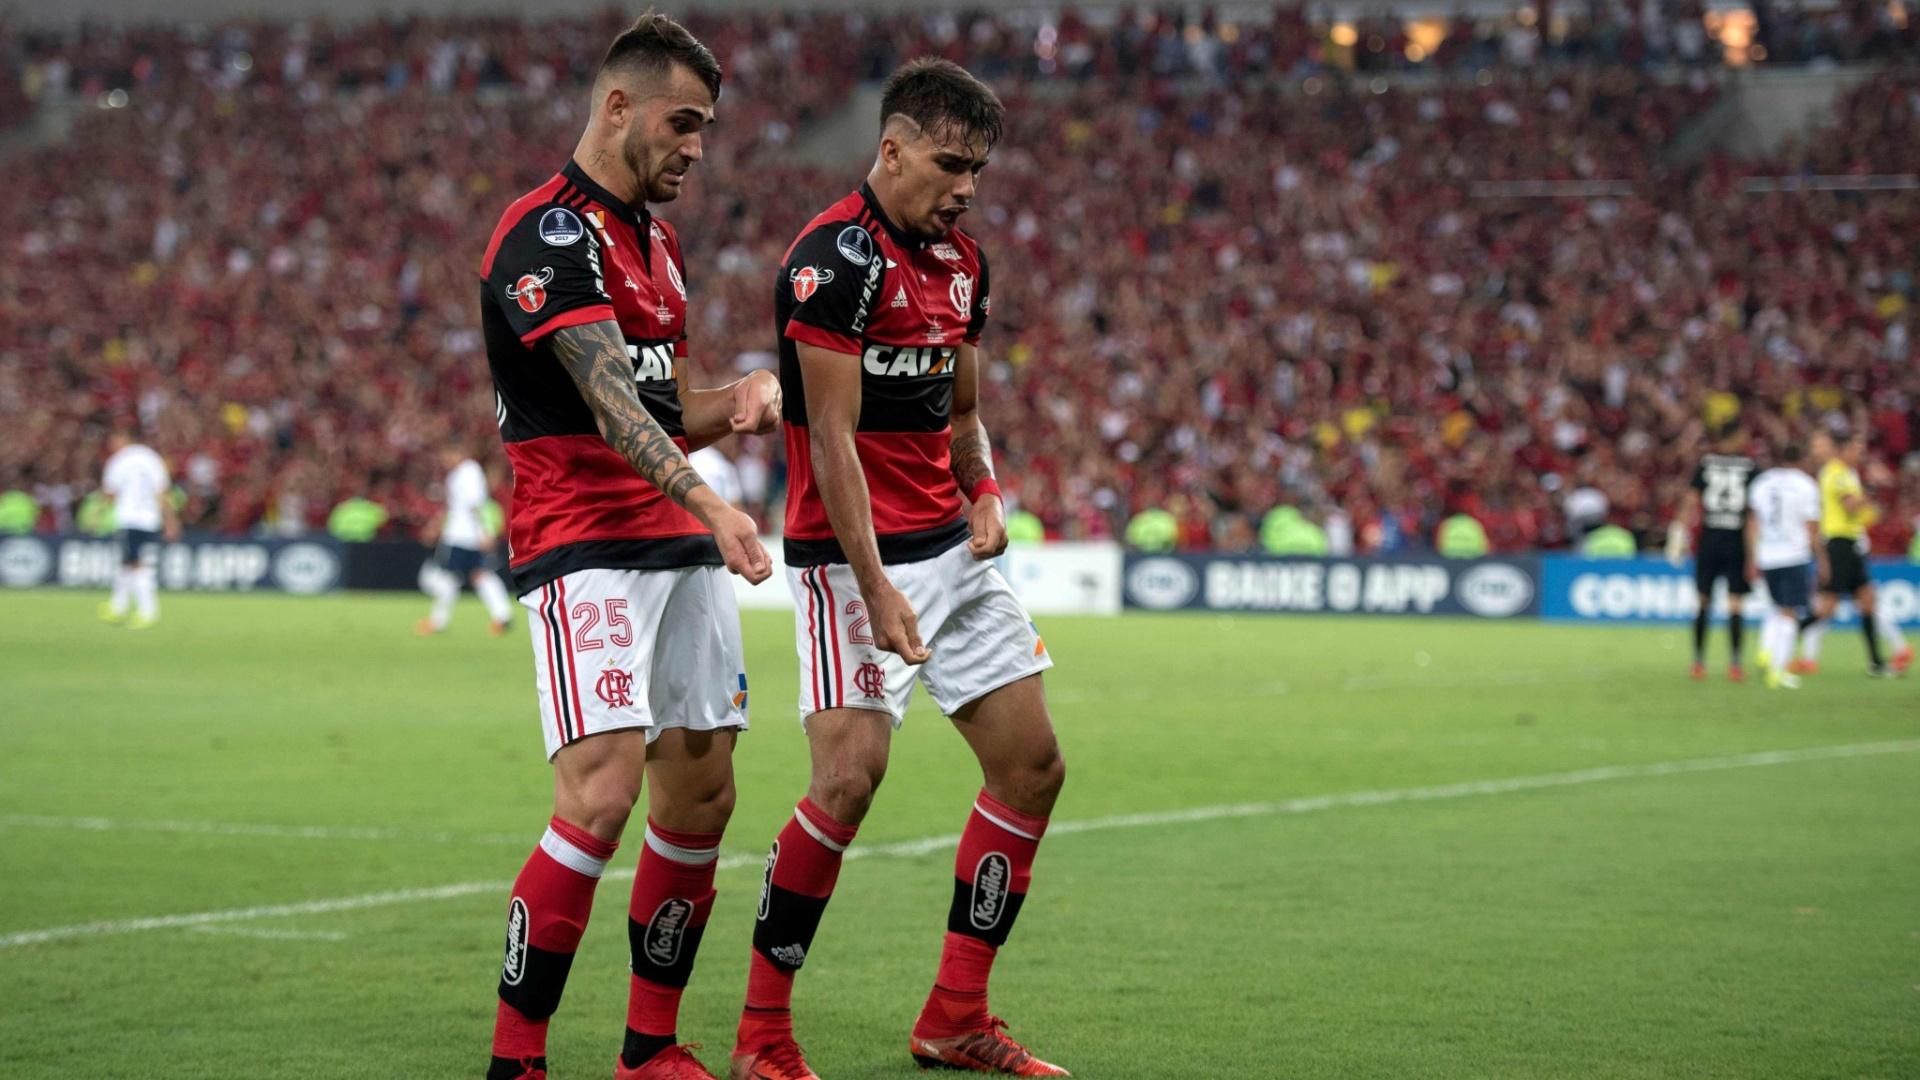 Lucas Paquetá comemora após marcar pelo Flamengo contra o Independiente